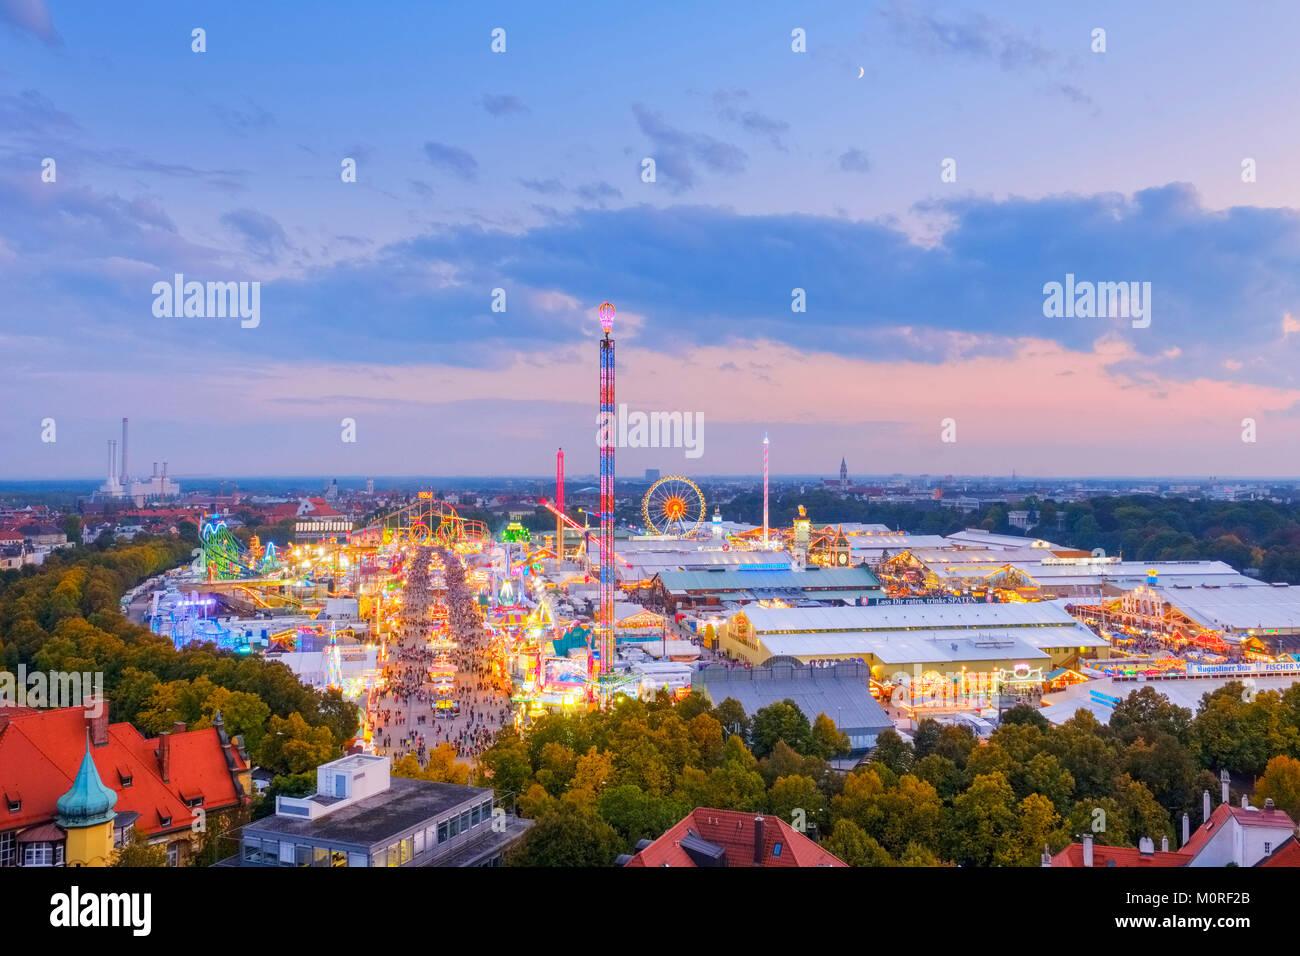 Ausblick über das Oktoberfest zur Abenddämmerung, Wiesn, München, Oberbayern, Bayern, Deutschland Stock Photo